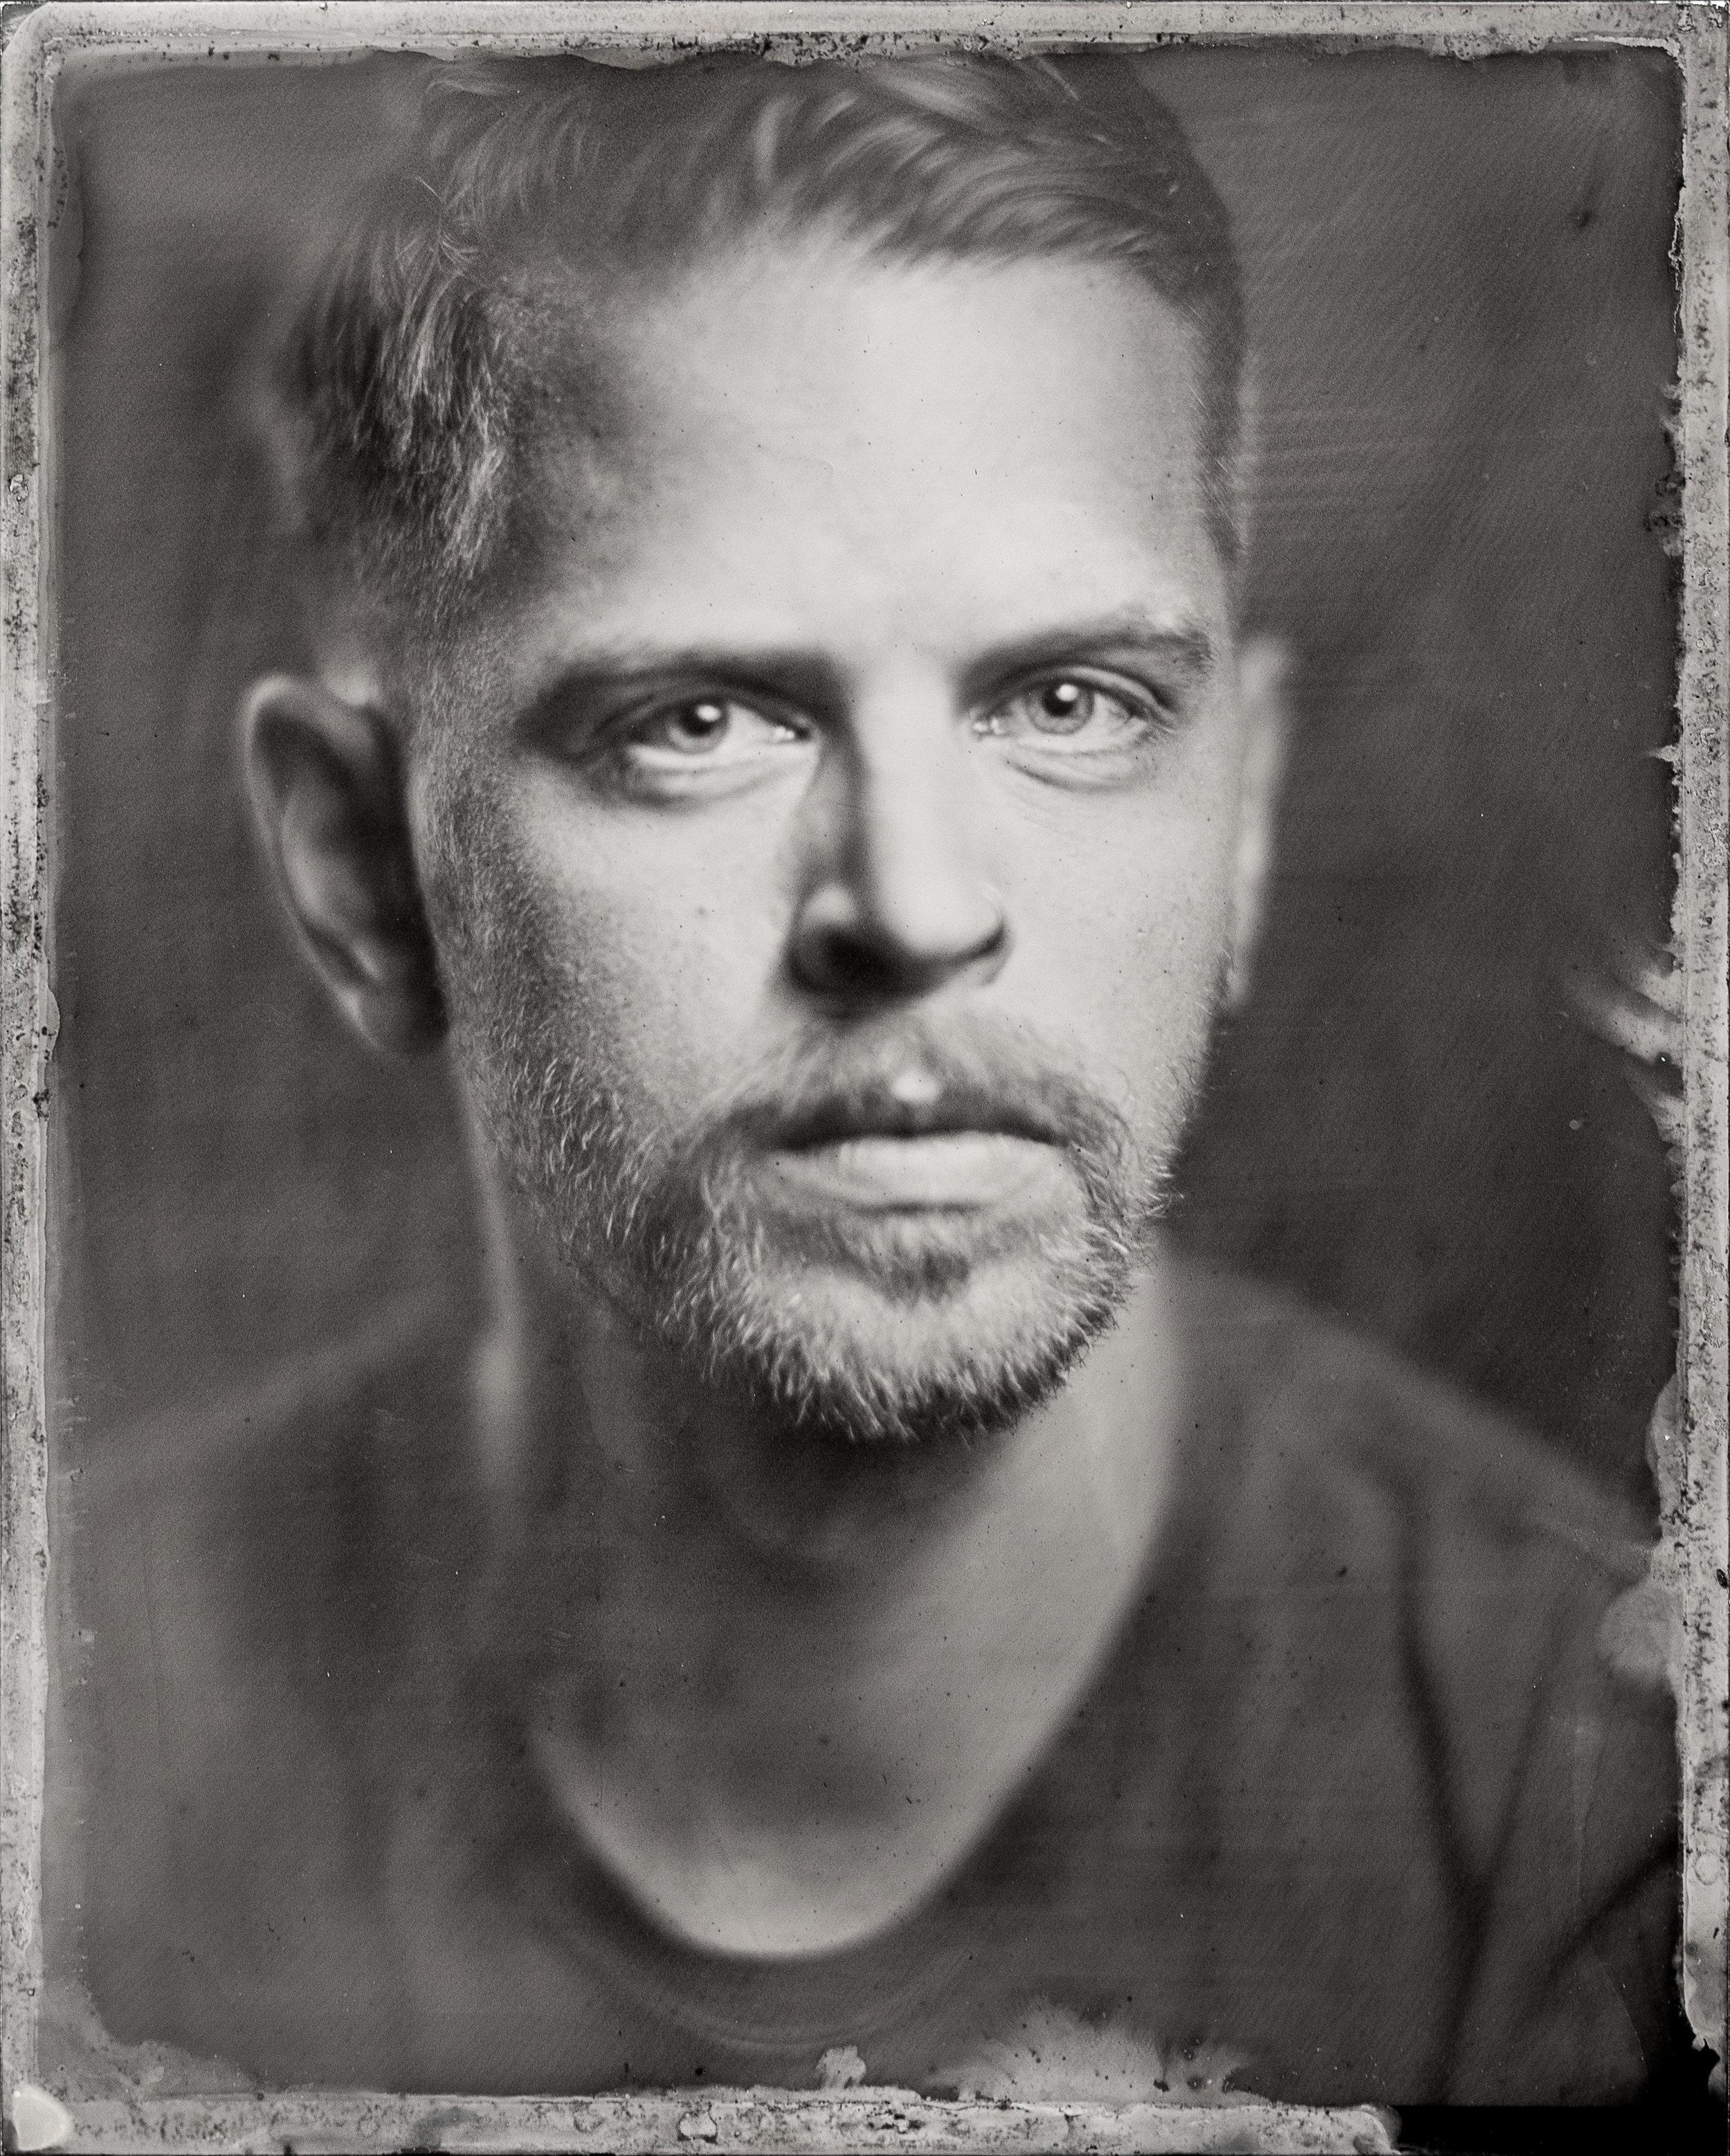 - Portrait by Ian Azariah: https://www.tintypetrike.com/